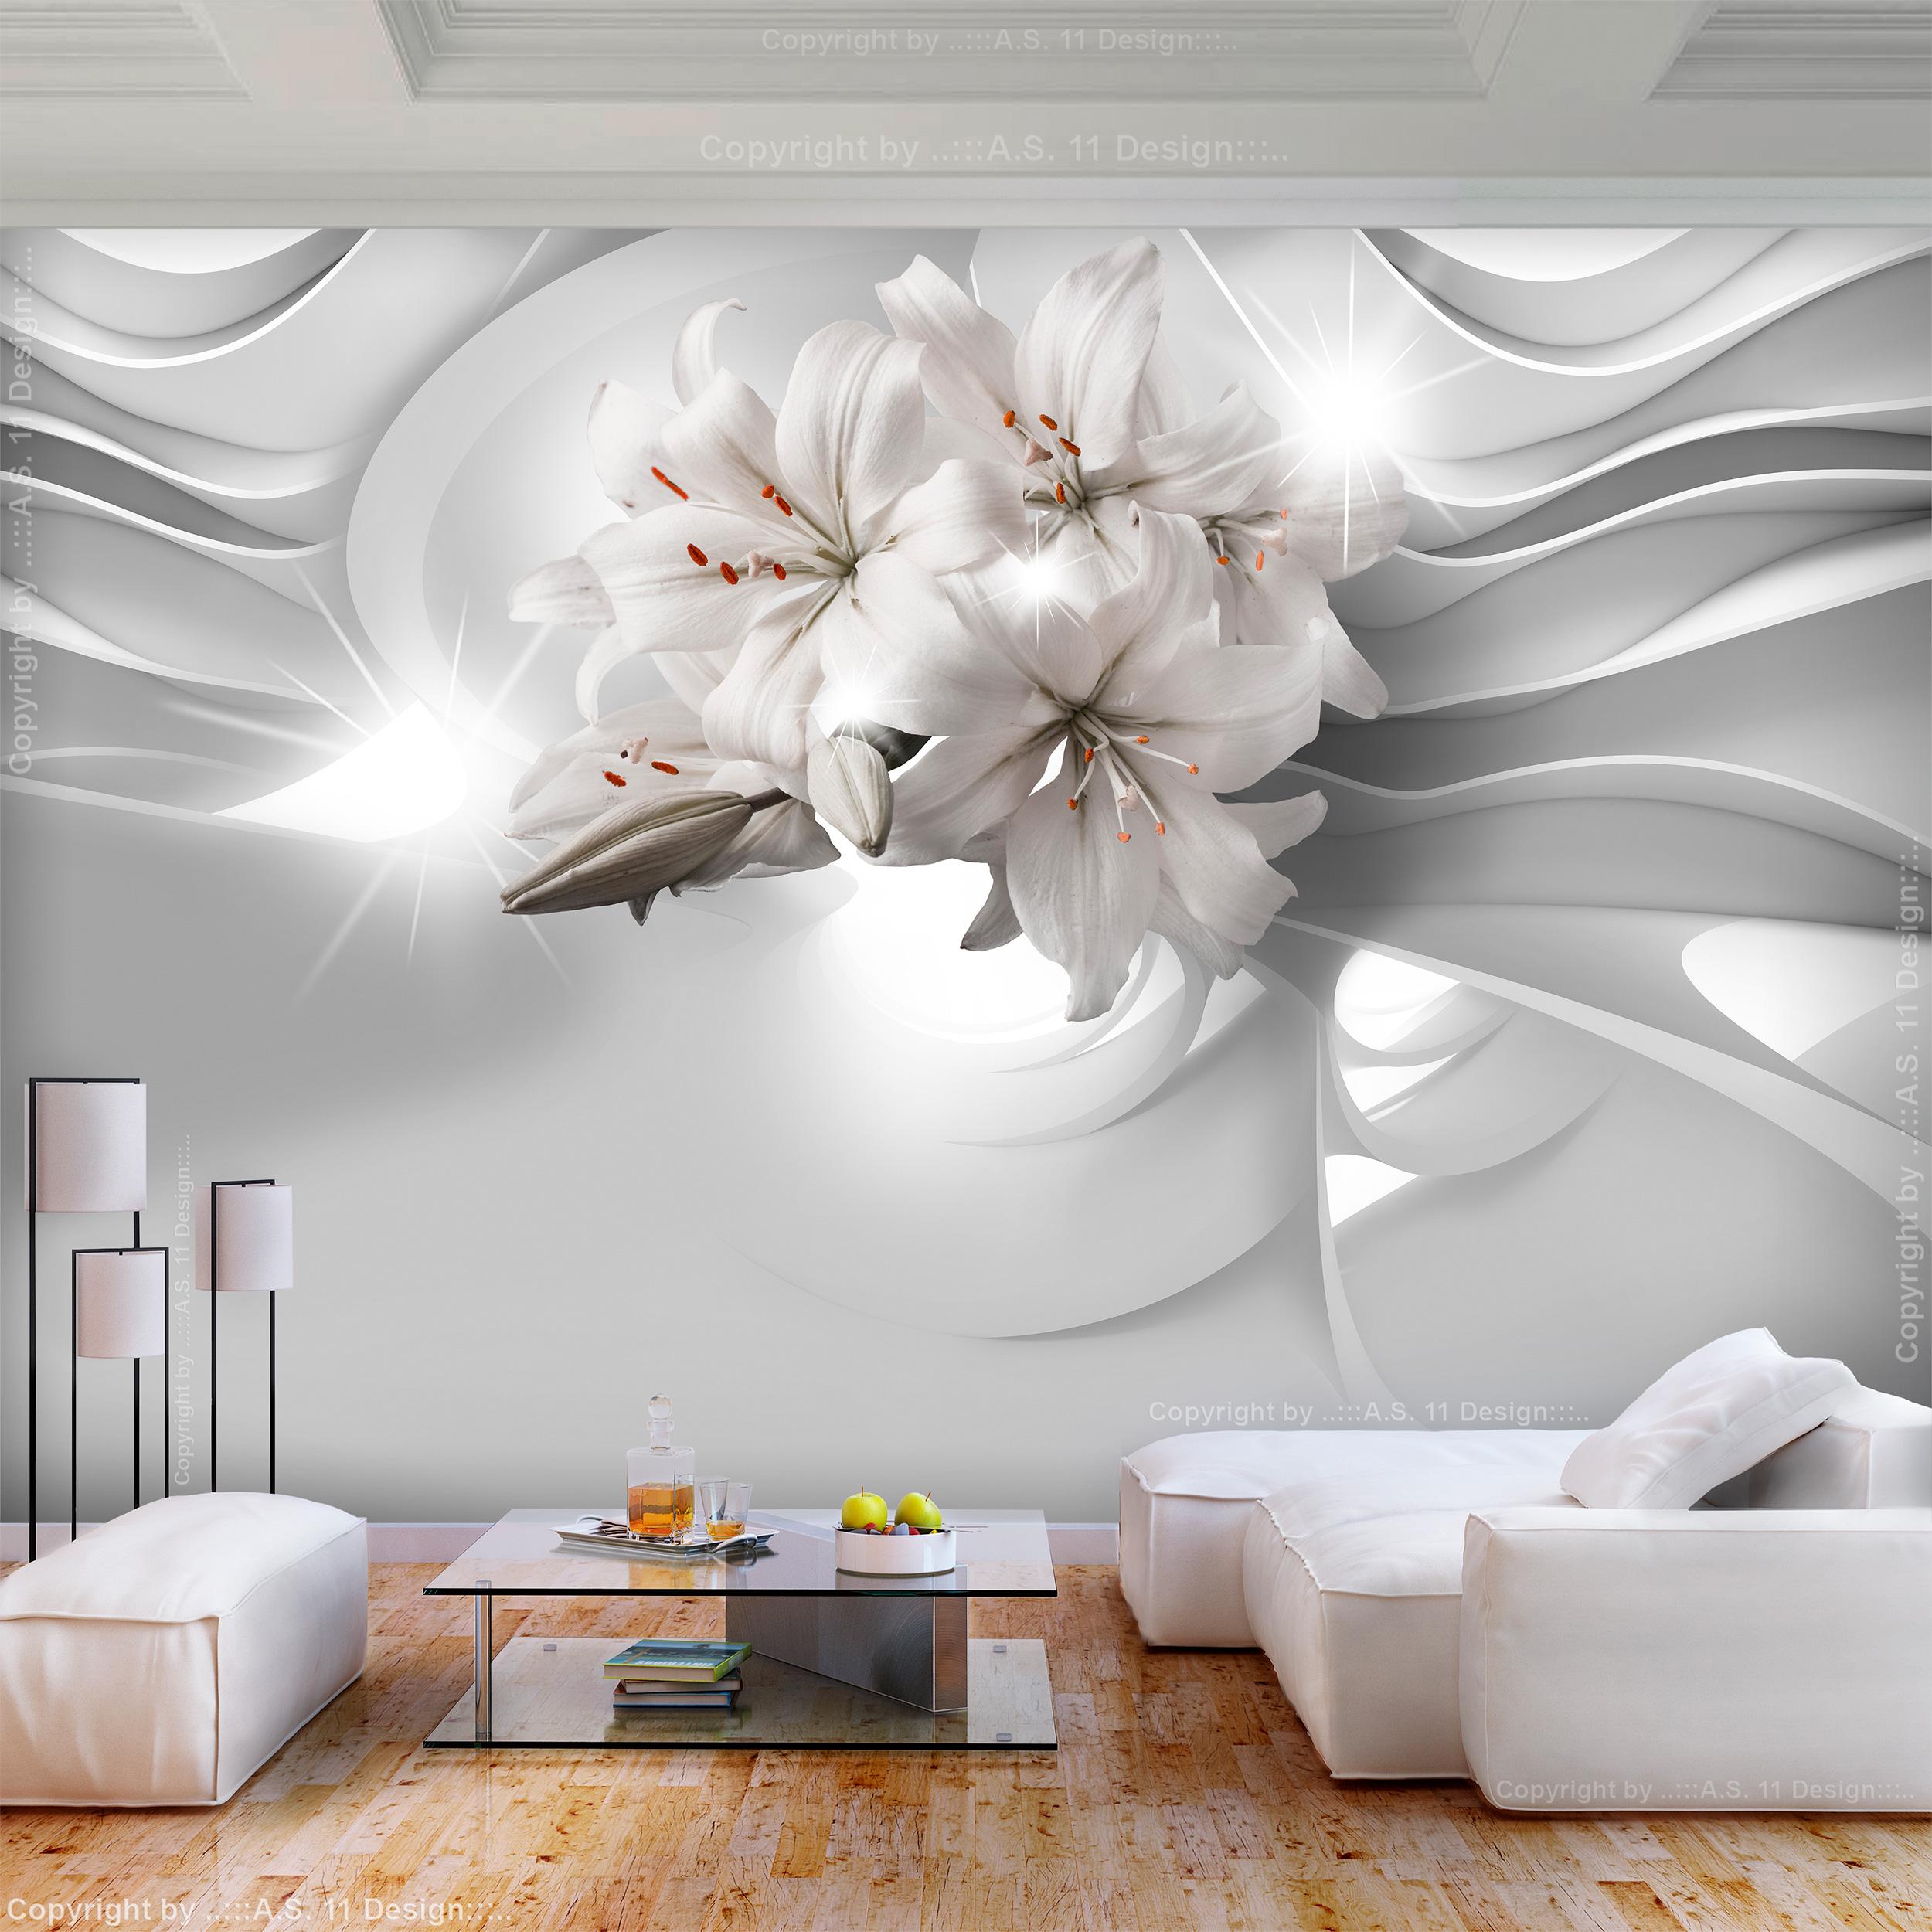 Vlies fototapete blumen lilie wei abstrakt diamant tapete wohnzimmer wandbilder ebay - Wandbilder wohnzimmer abstrakt ...